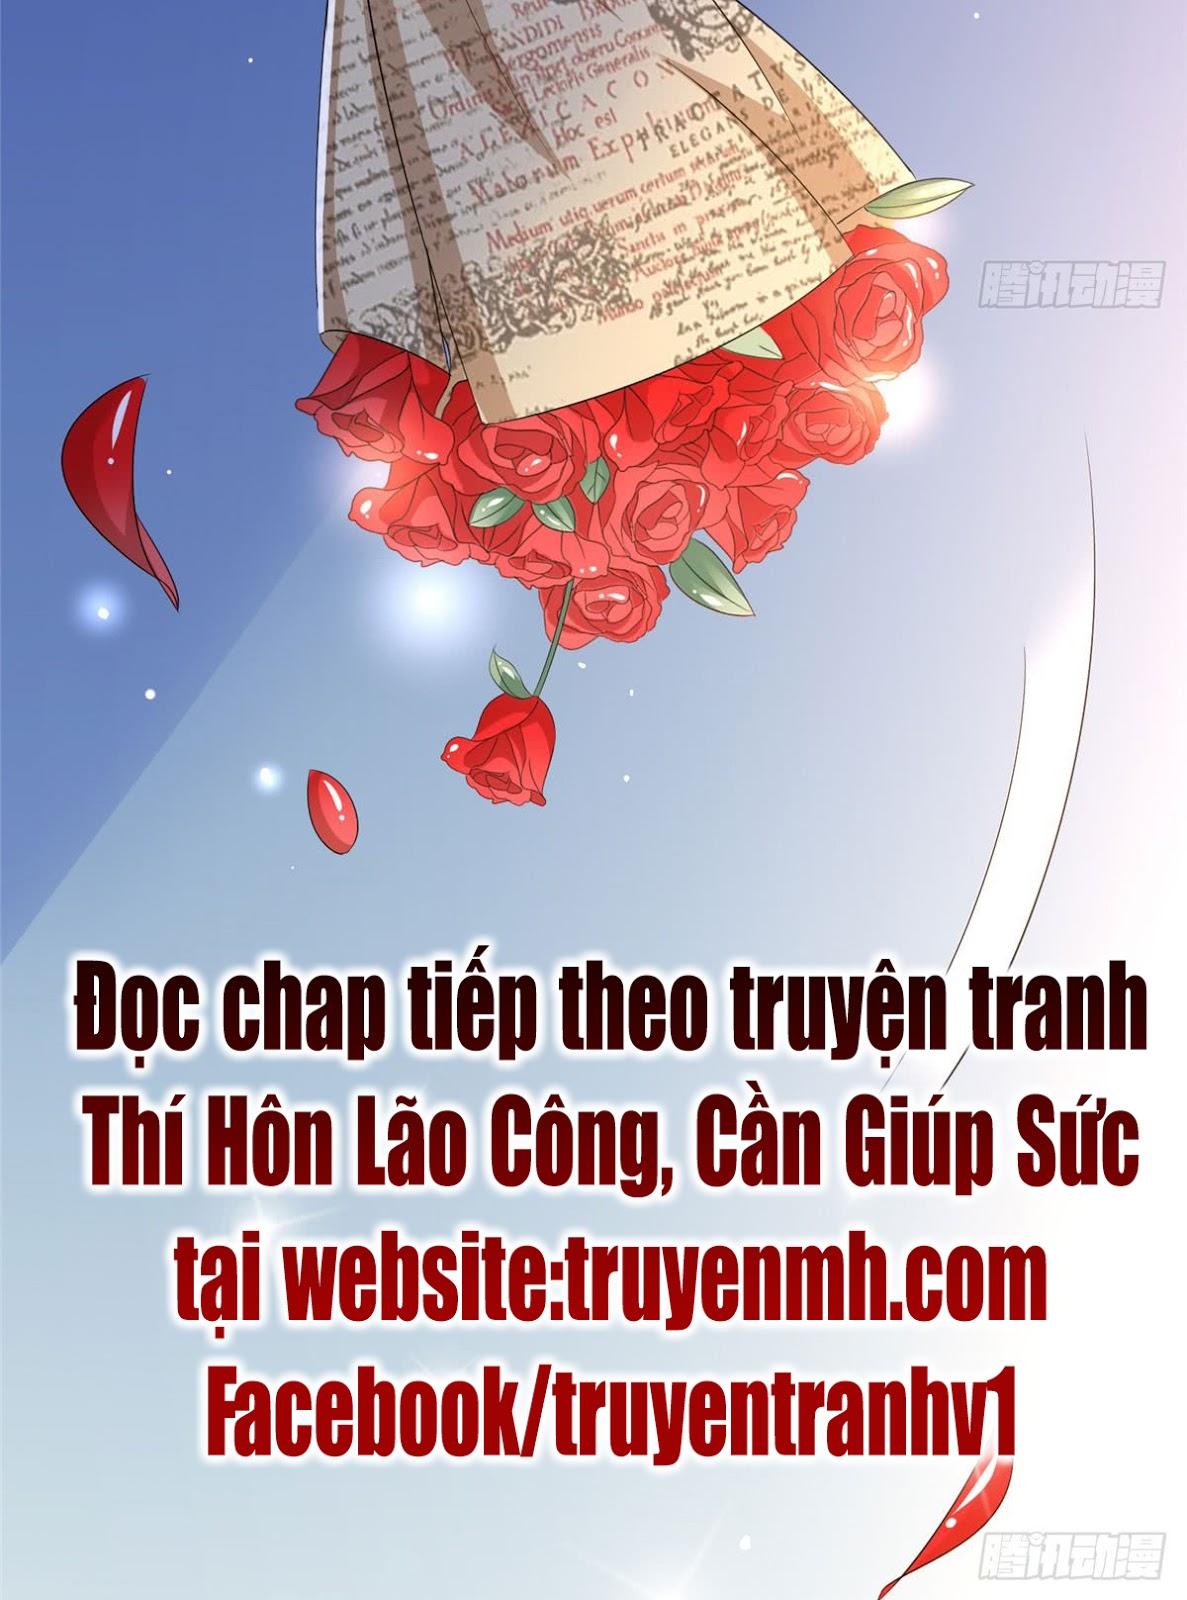 Thí Hôn Lão Công, Cần Giúp Sức Chap 57